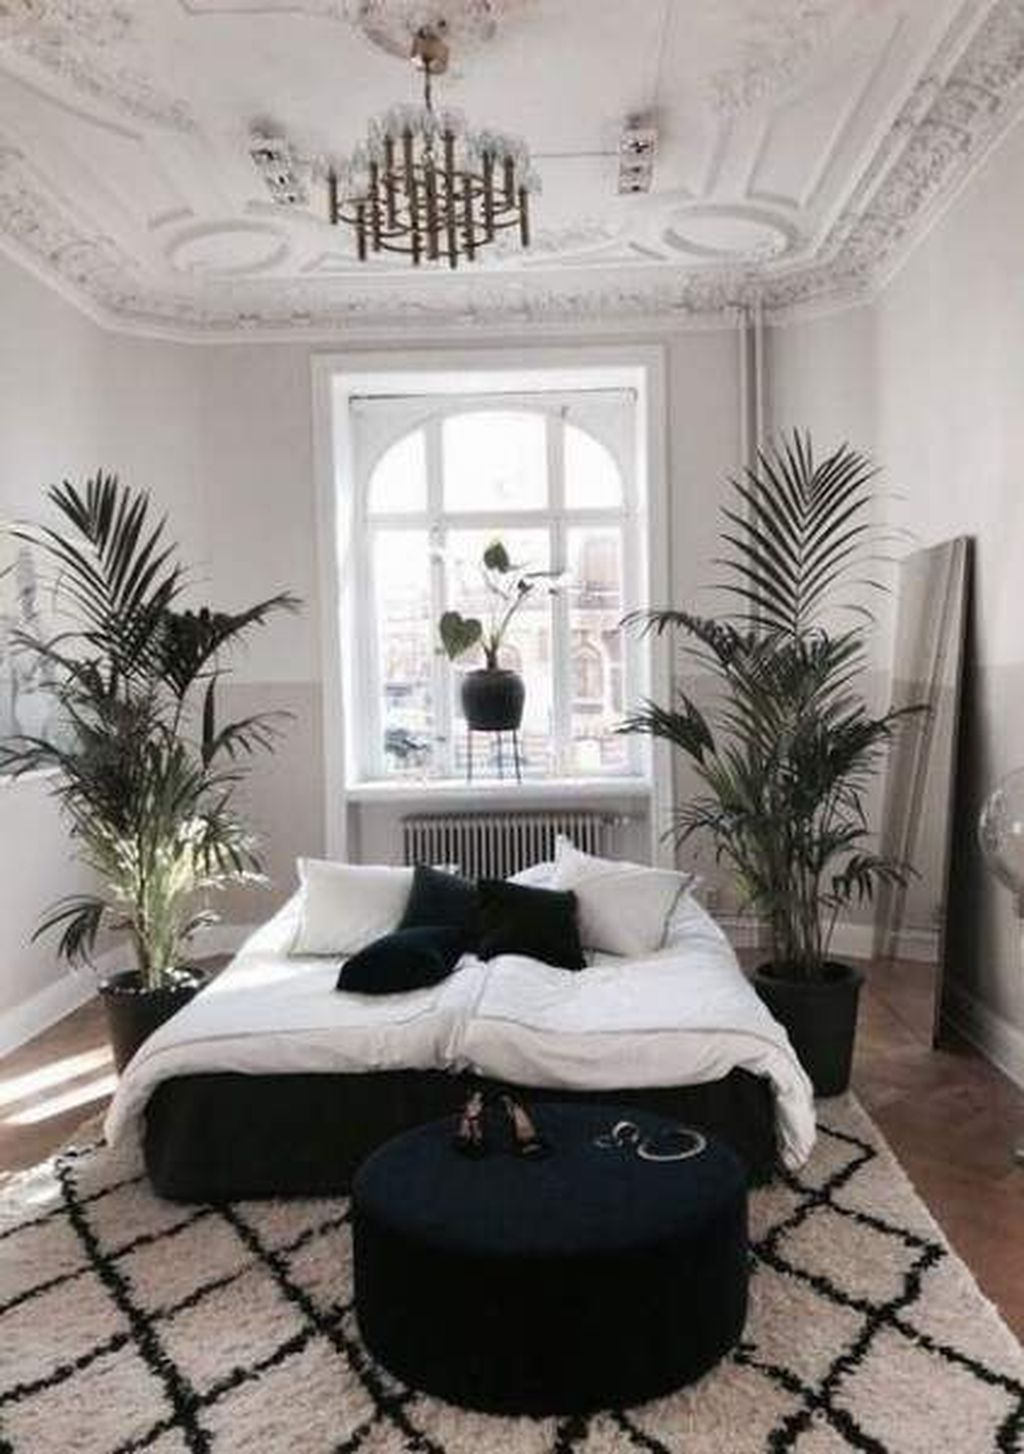 22 Brilliant Bedroom Design Ideas With Nature Theme - DECORKEUN